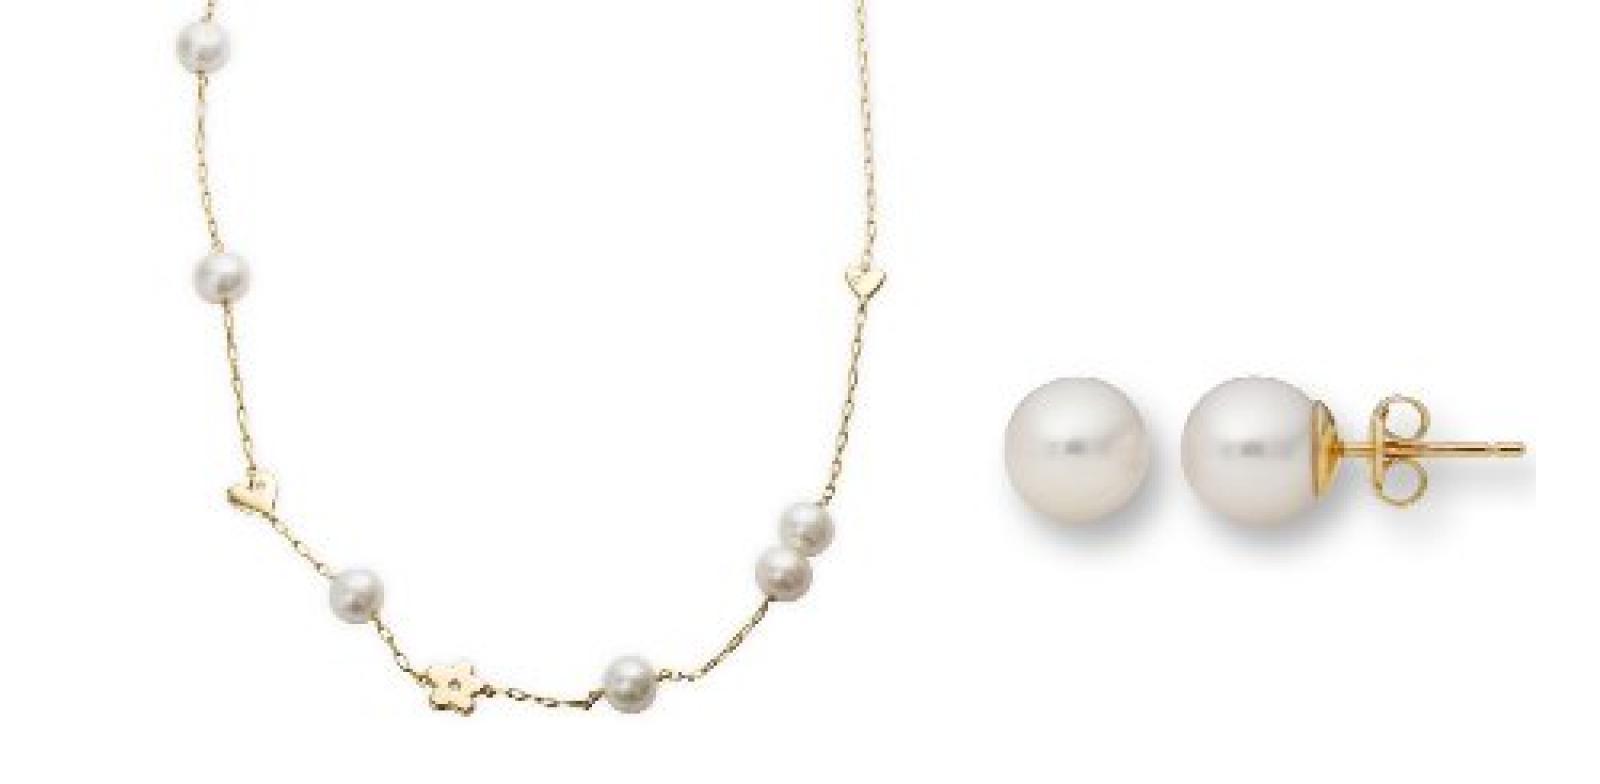 Miore Damen-Set: Halskette + Ohrringe Süßwasser-Zuchtperlen und Diamant 18 Karat (750) Gelbgold MSET004